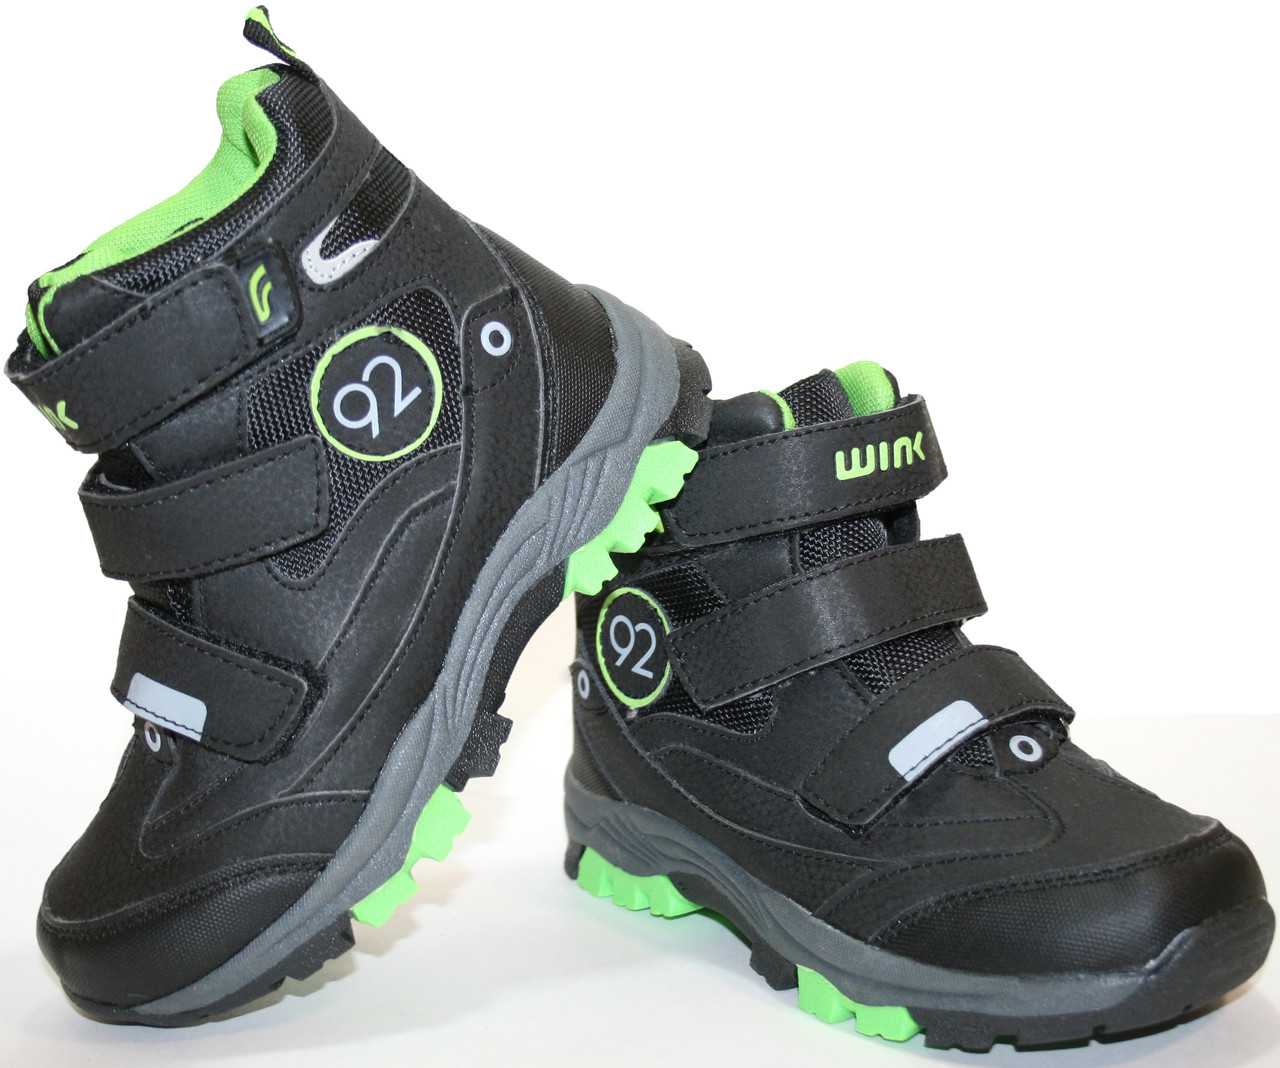 Детские демисезонные ботинки WINK, размеры 30-35